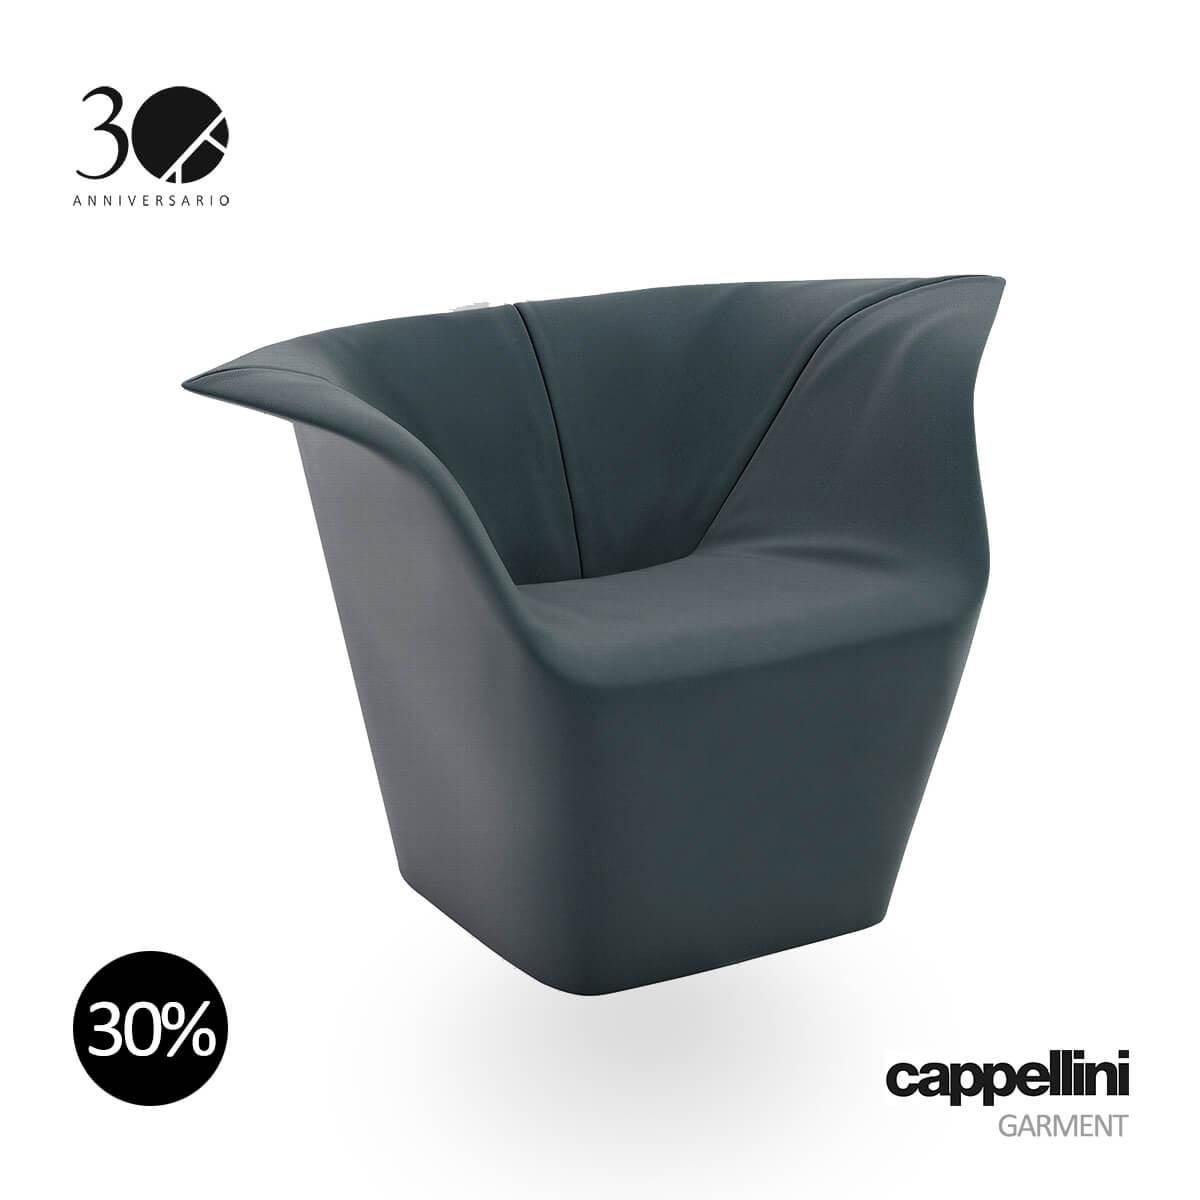 CAPPELLINI-GARMENT-